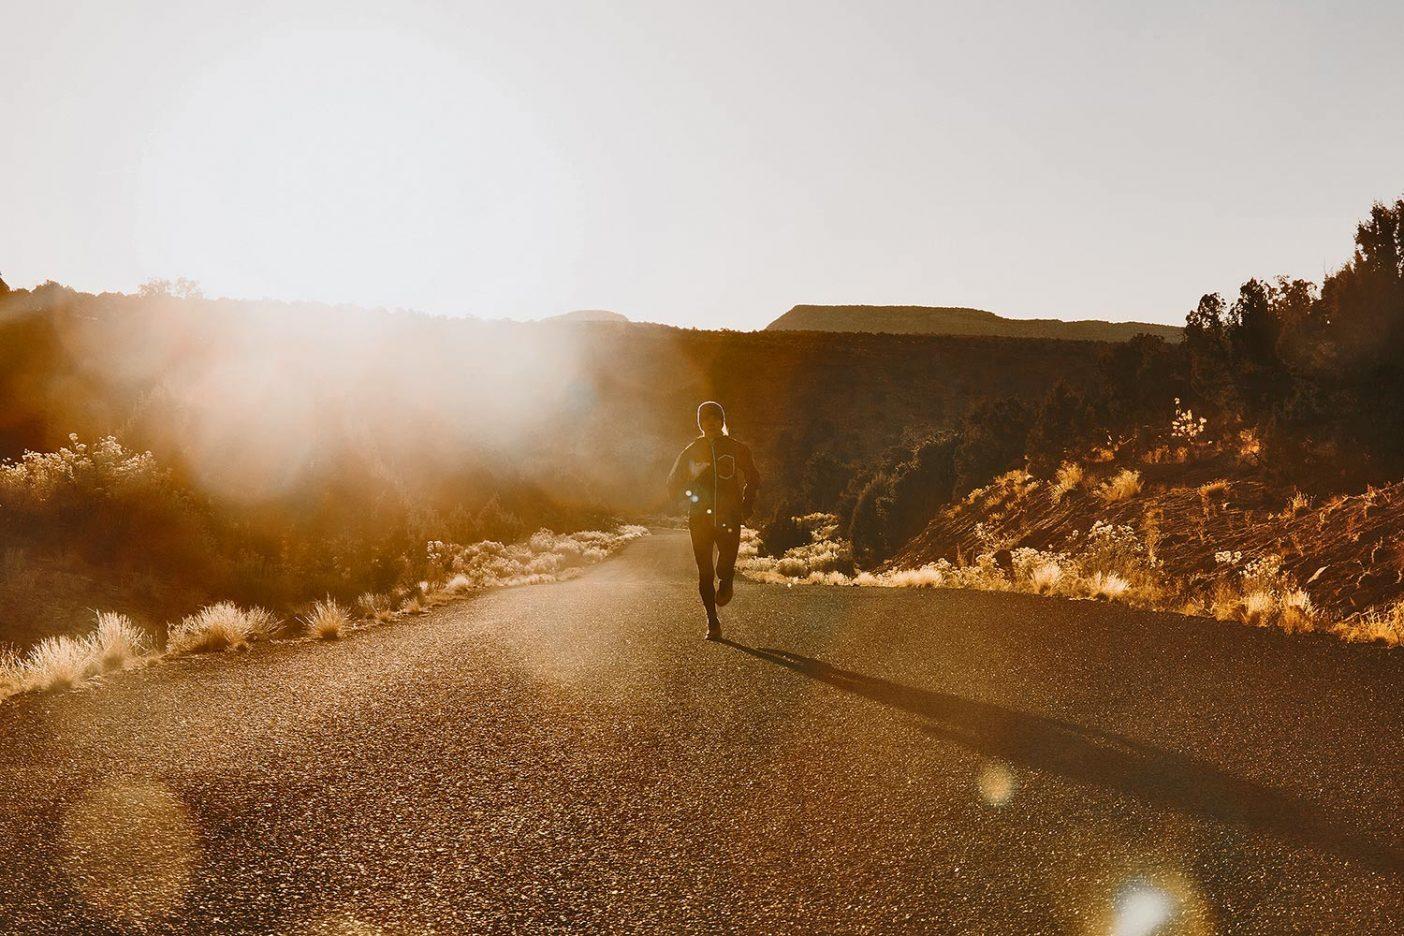 メッセンジャーたち:ベアーズ・イヤーズとグランド・ステアケース・エスカランテを走る250マイルリレー